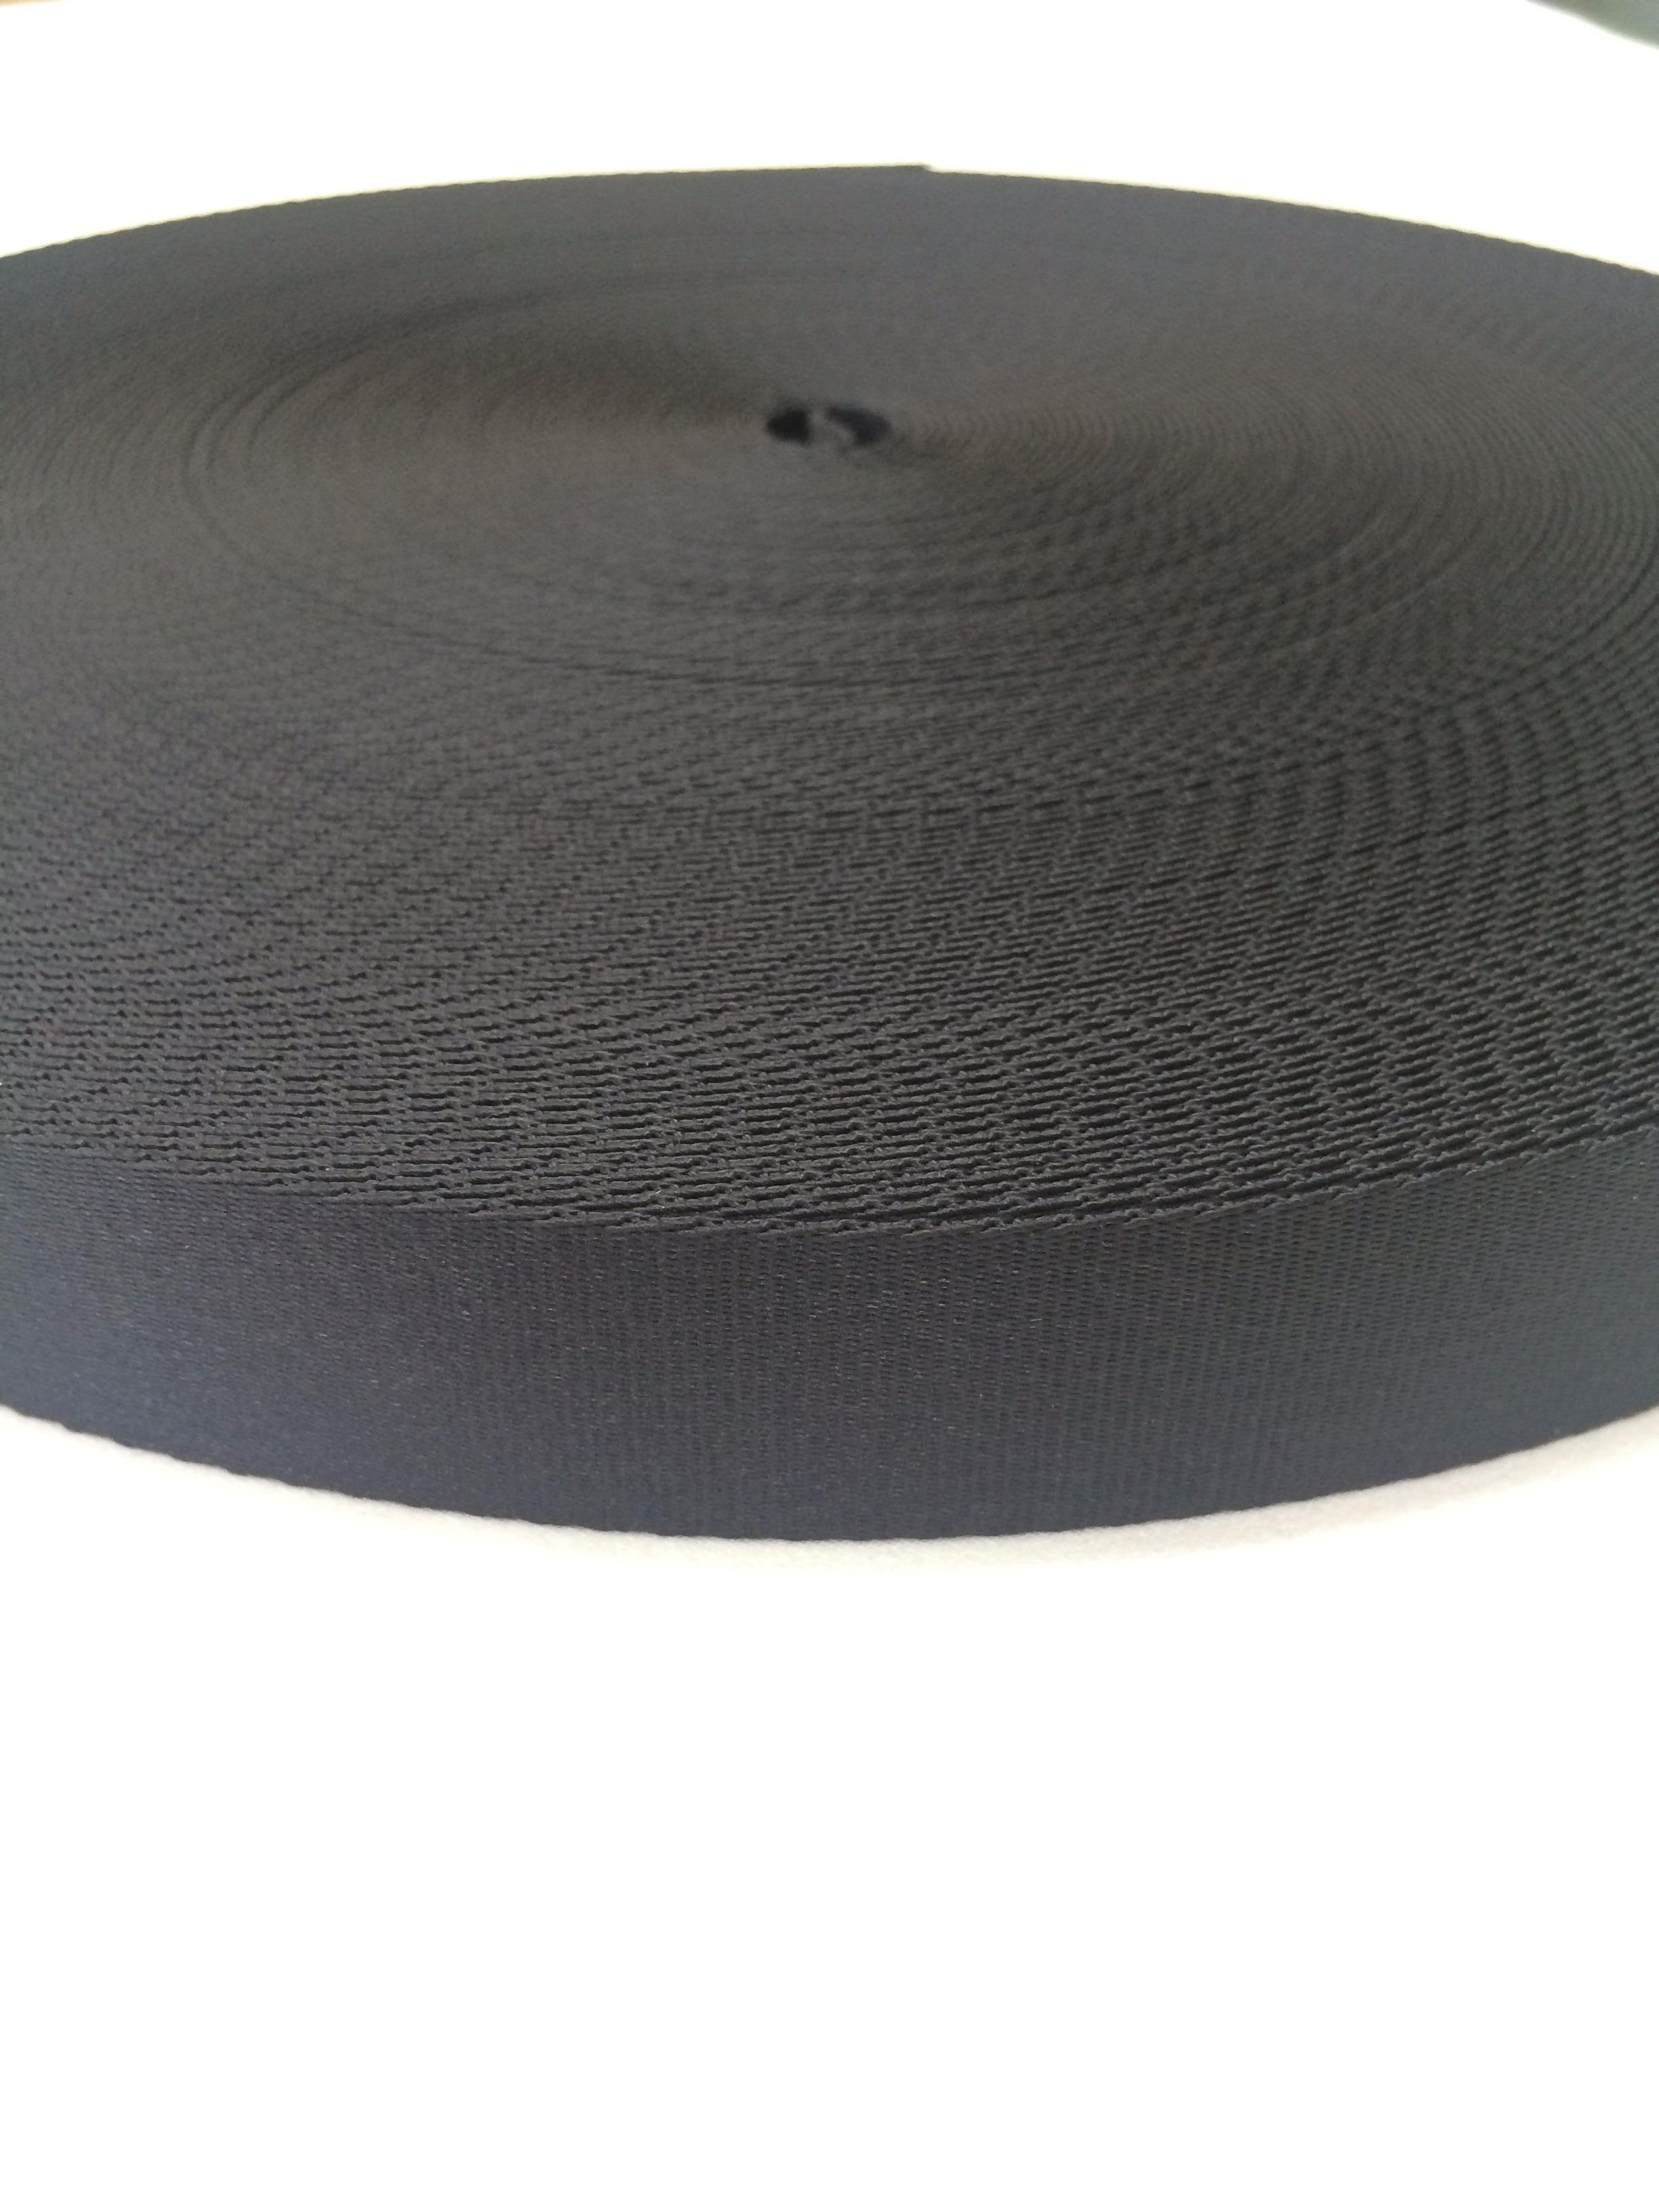 ナイロンテープ  サテン調朱子織  30mm幅   黒  1m